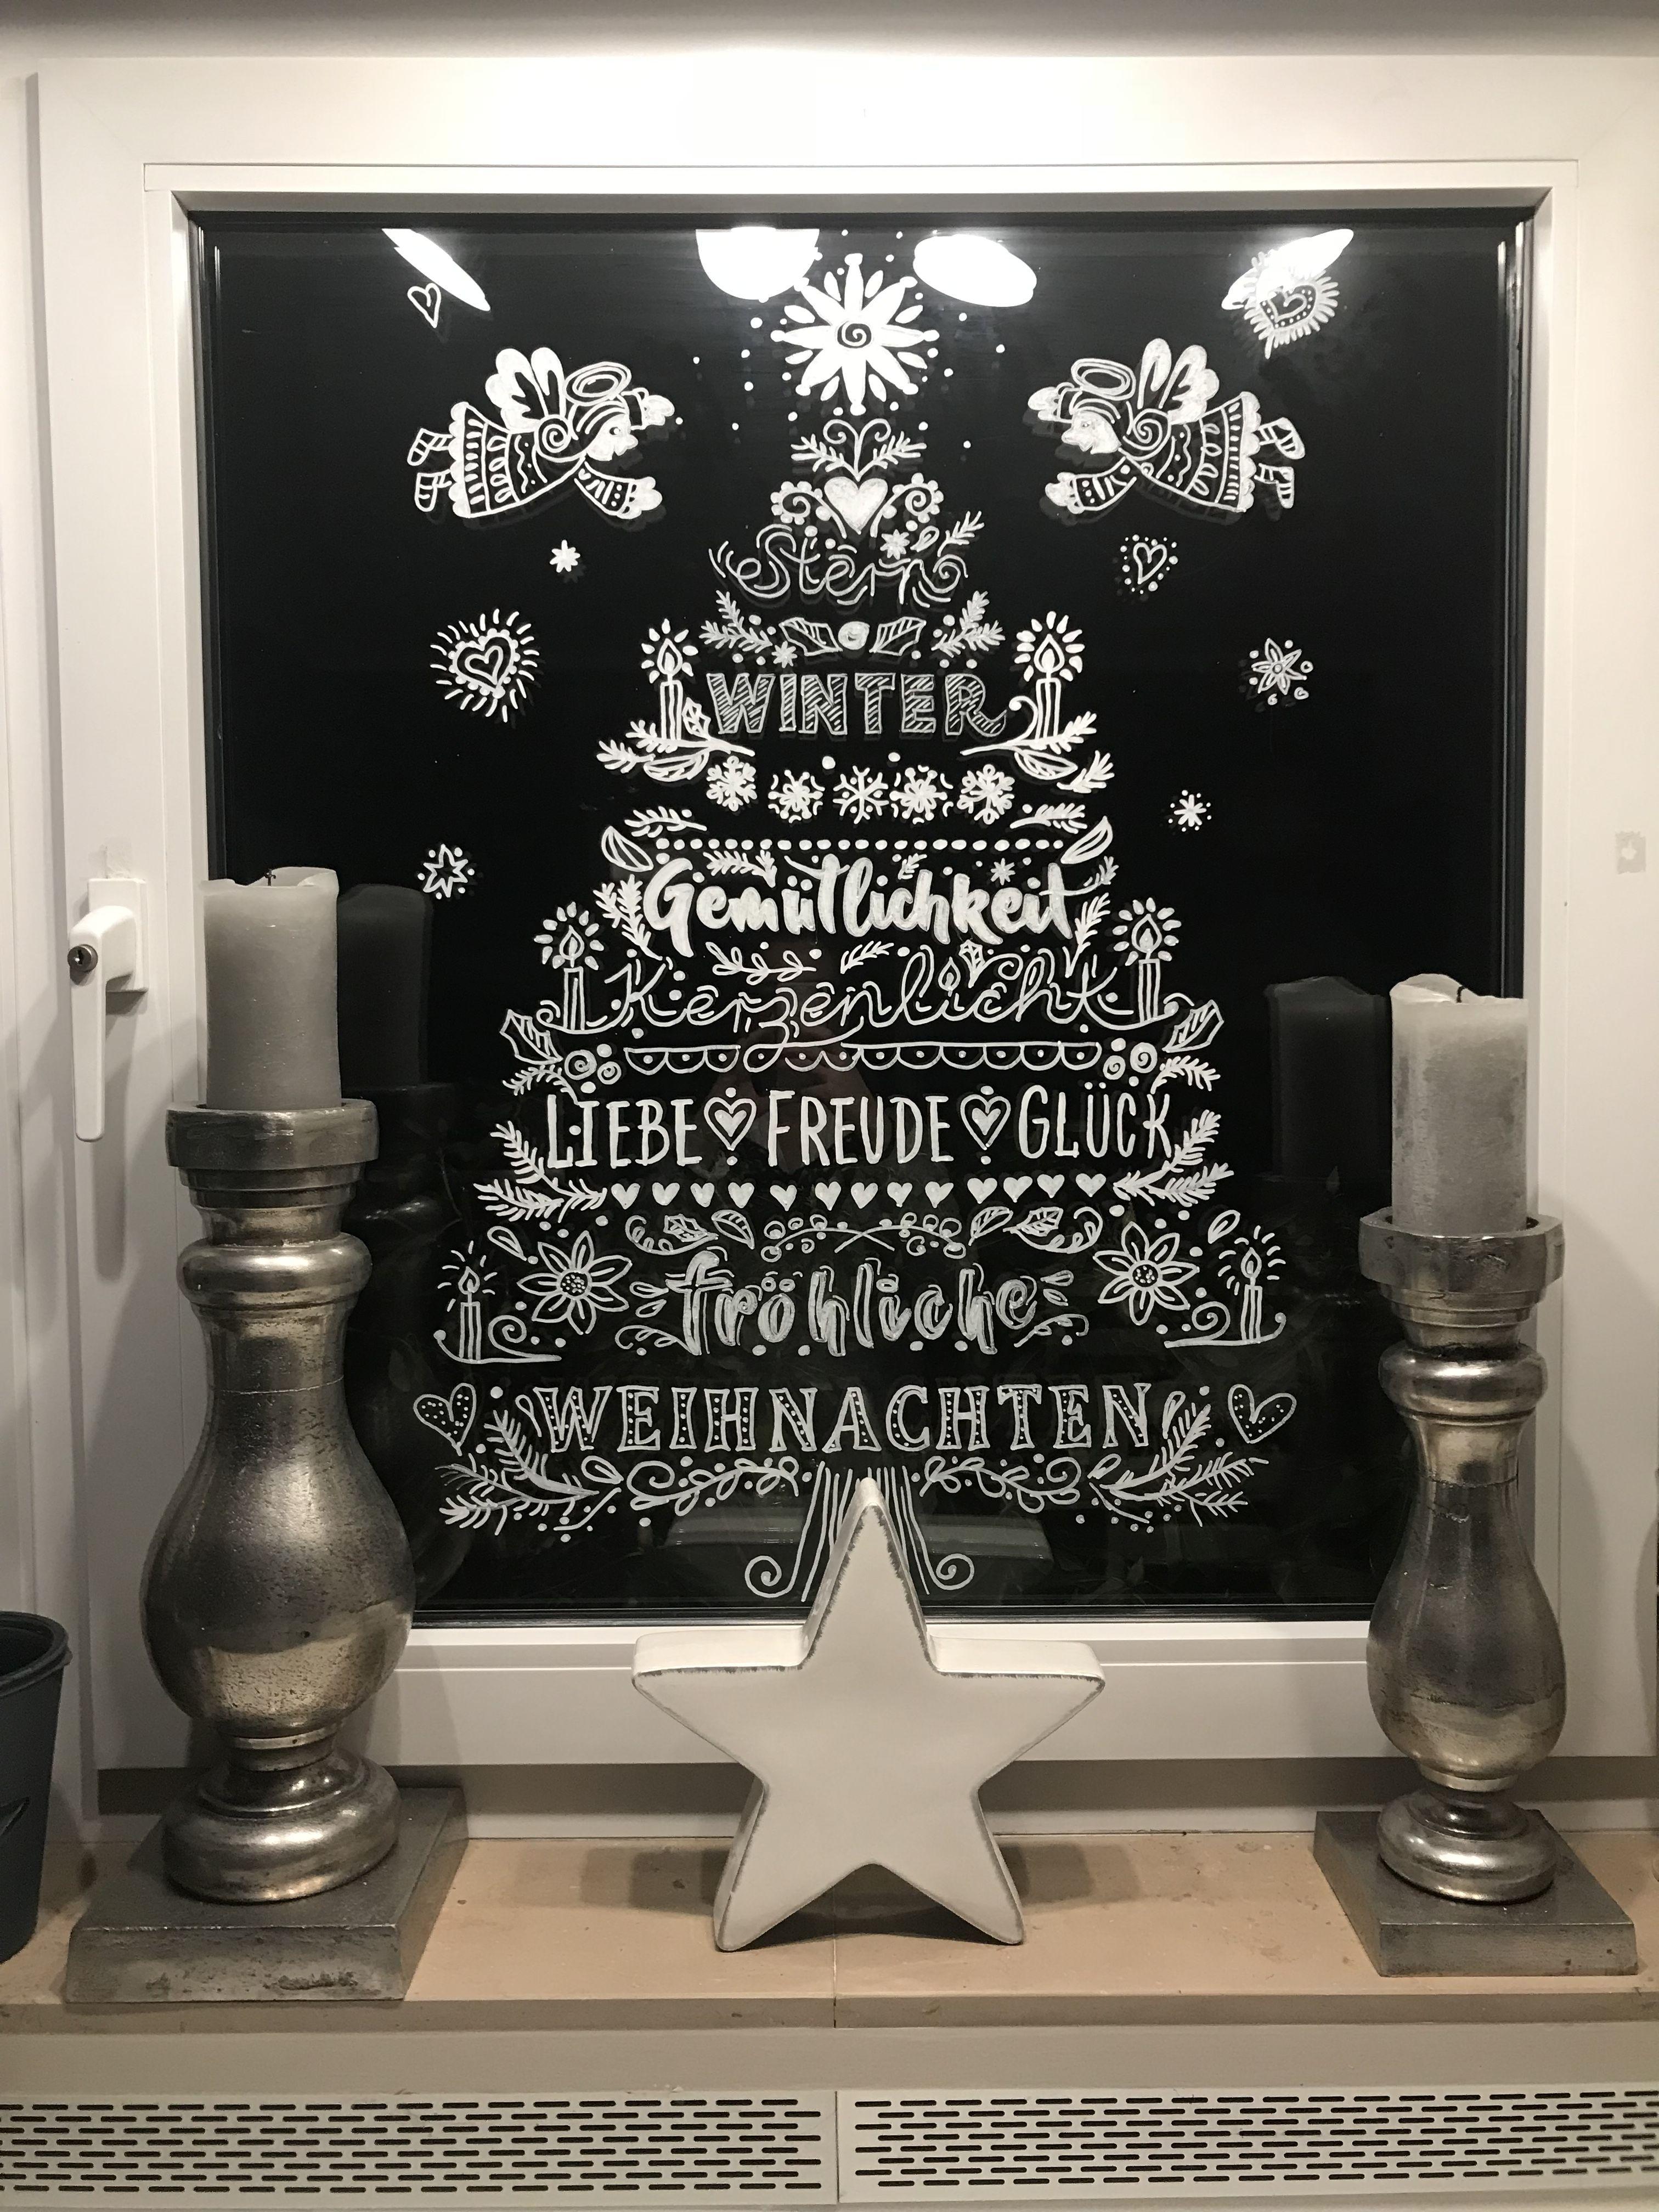 vorlagen fensterbilder weihnachten kreidestift kostenlos